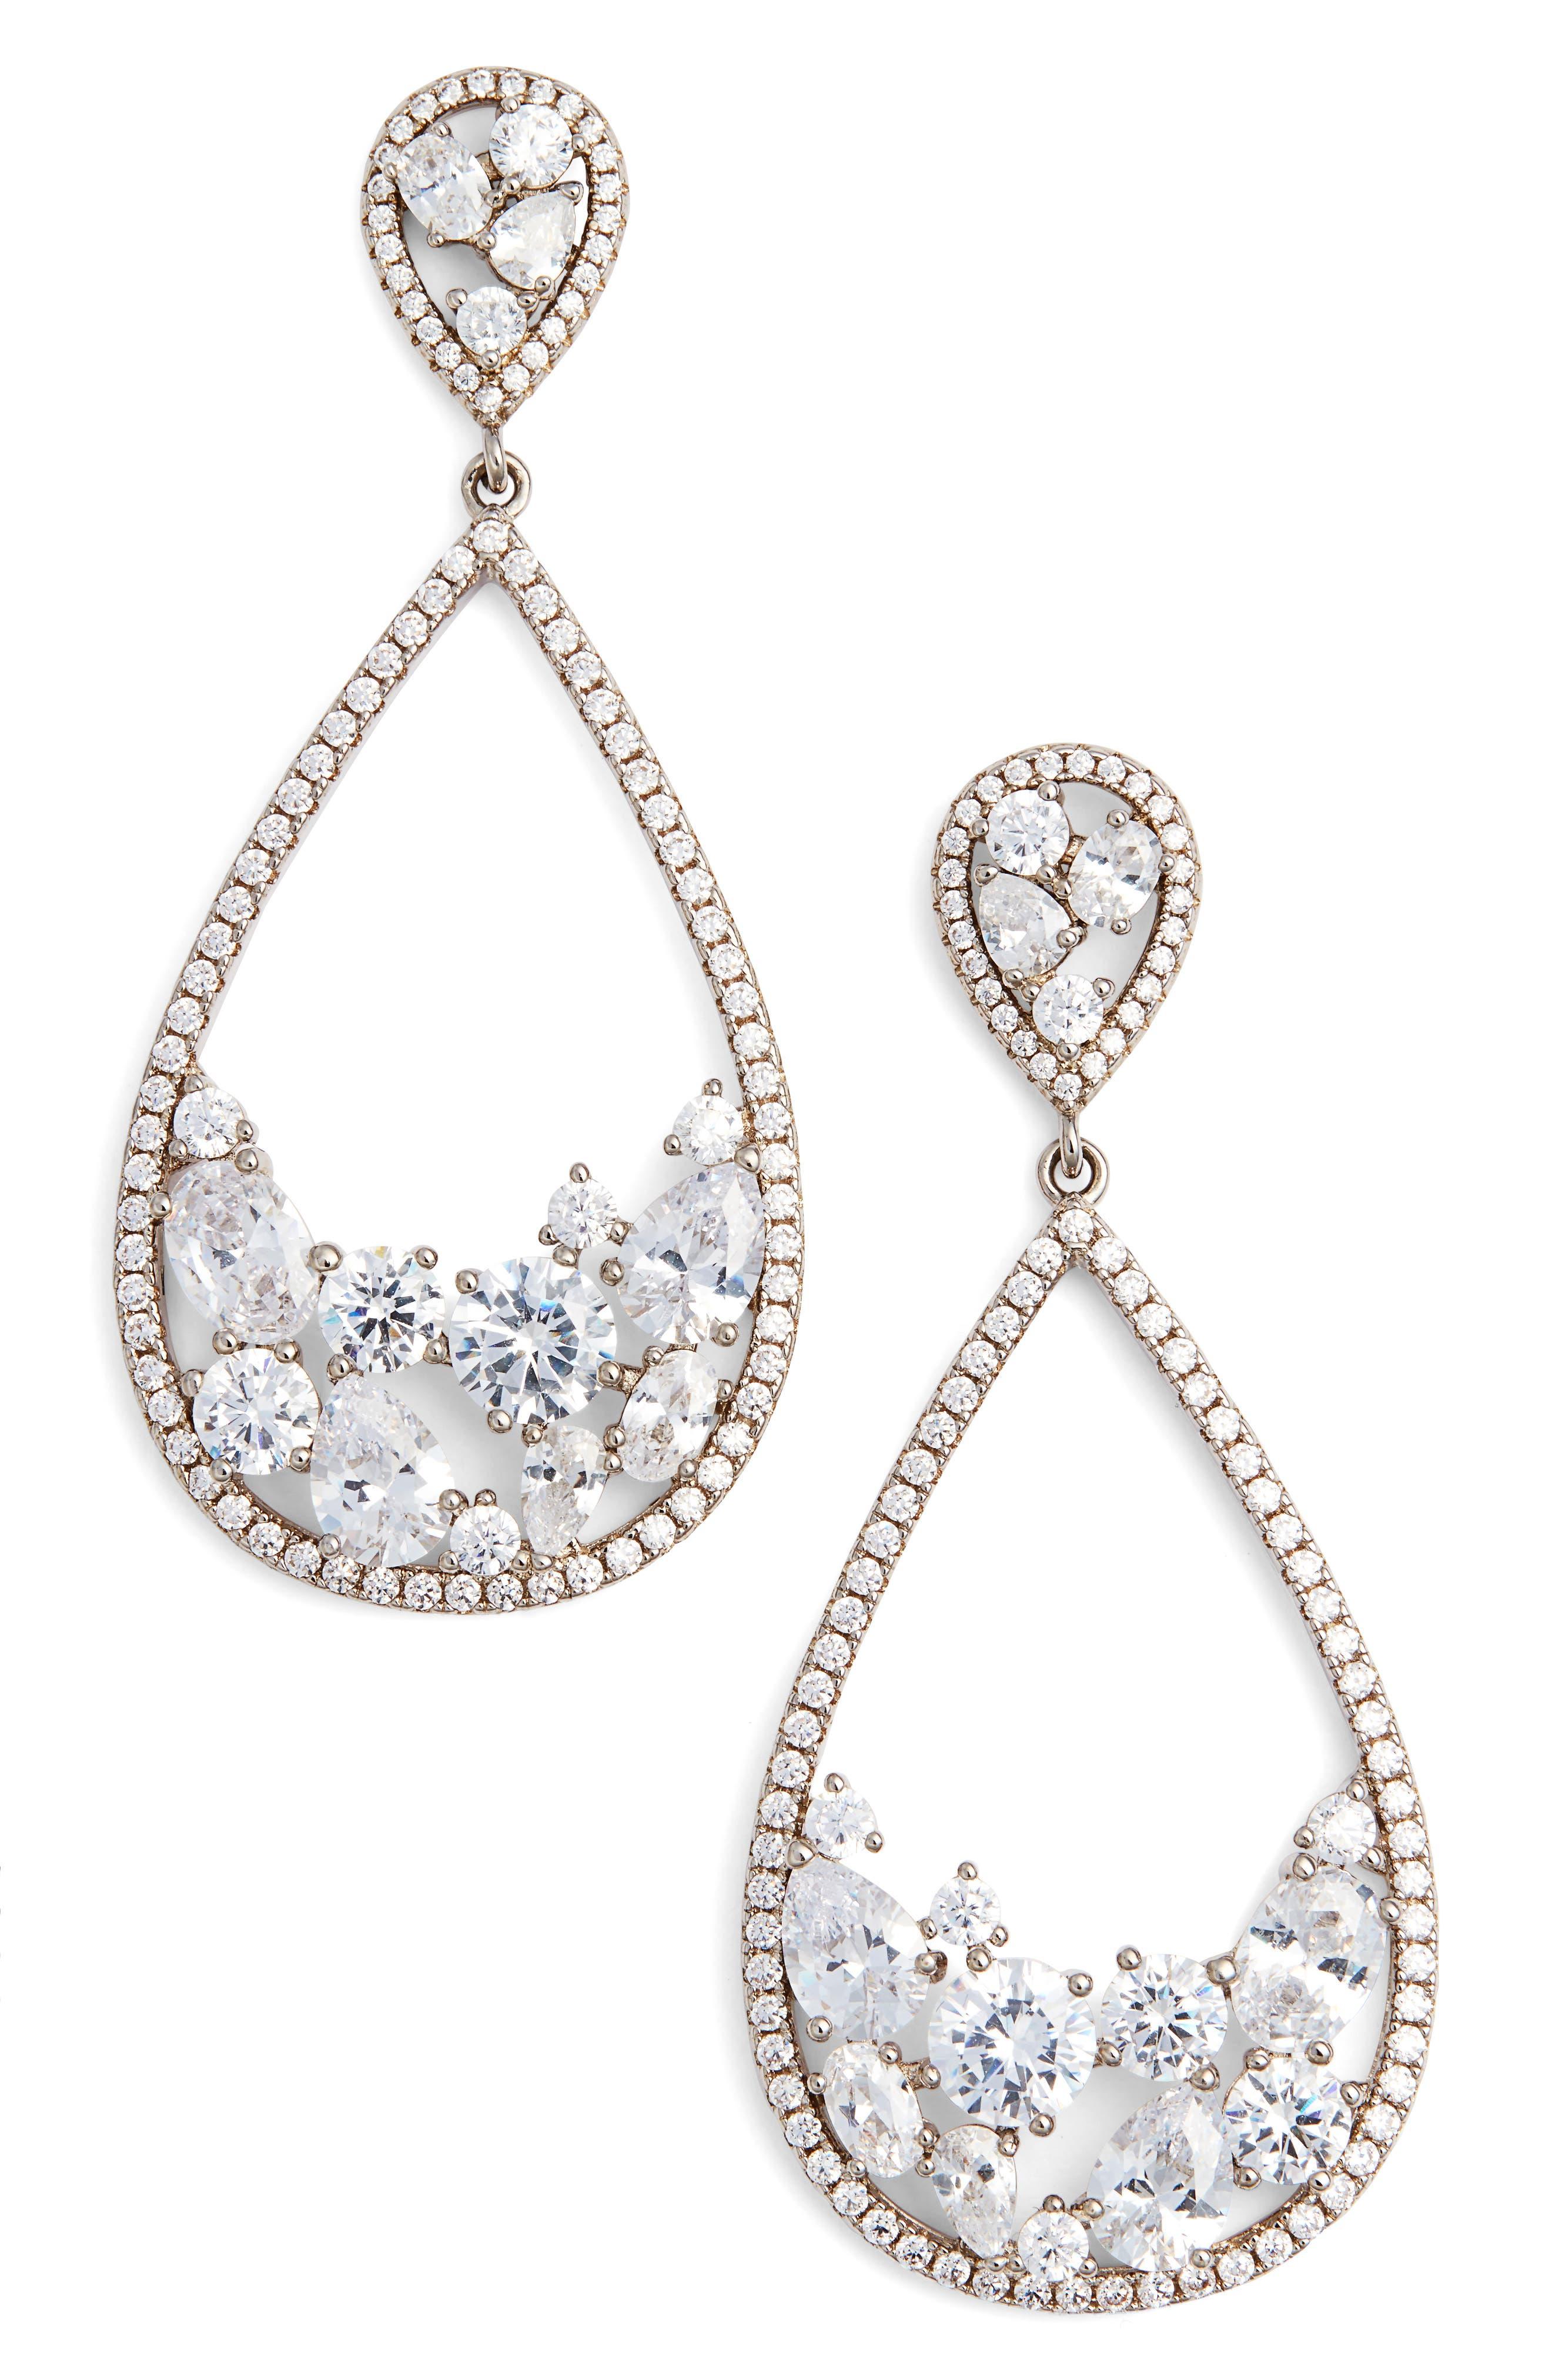 Stone Cluster Open Teardrop Earrings,                         Main,                         color, SILVER/ WHITE CZ